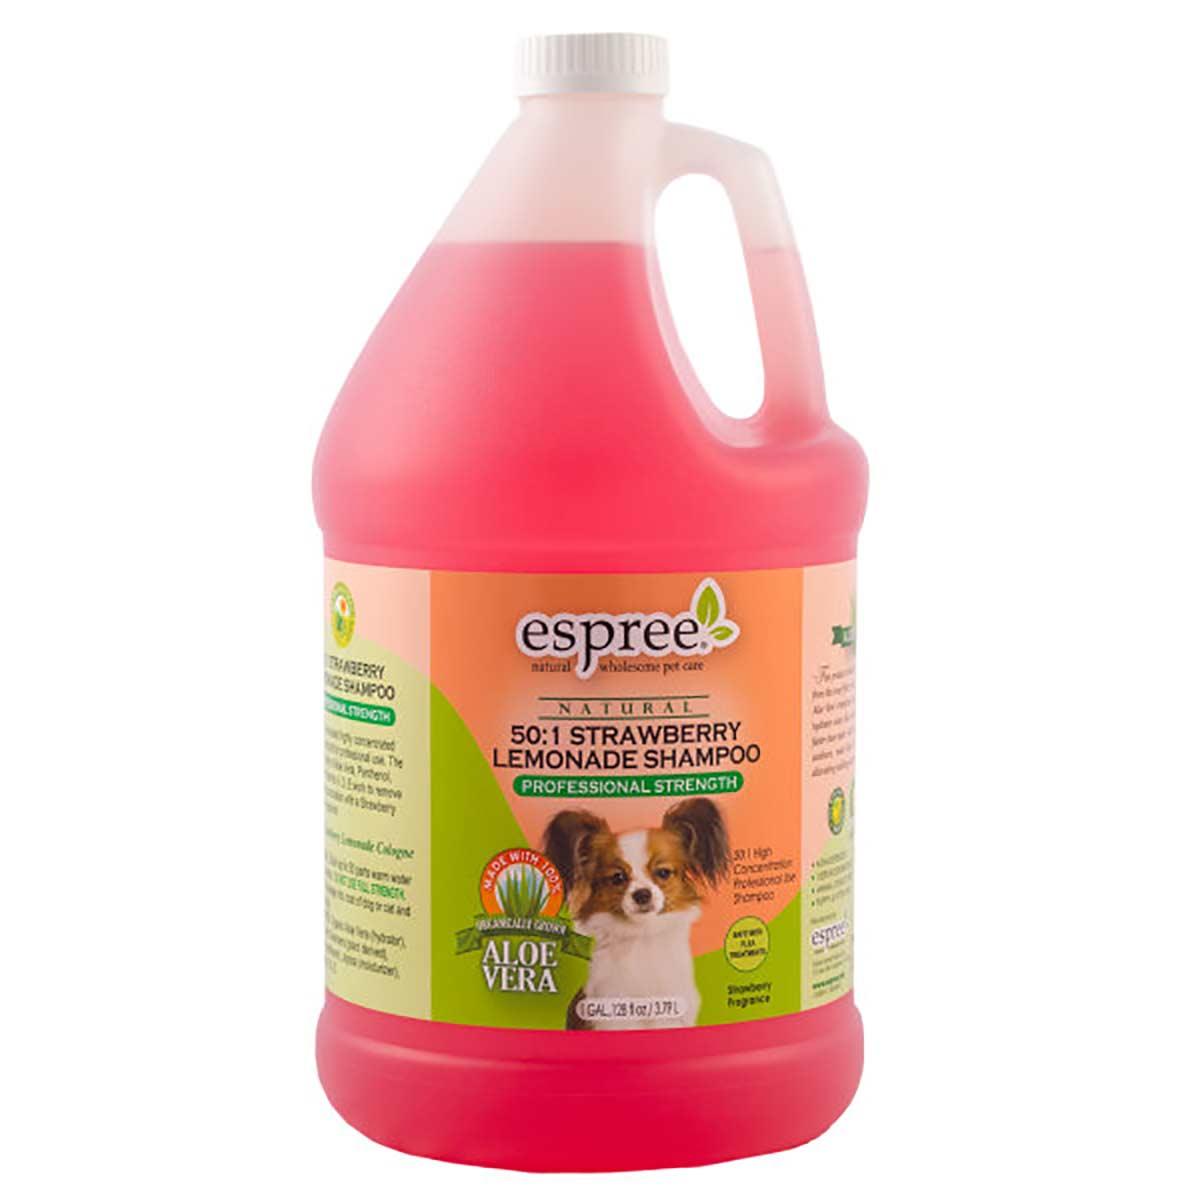 Espree Professional Care Strawberry Lemonade Shampoo Gallon - 50 to 1 Concentration